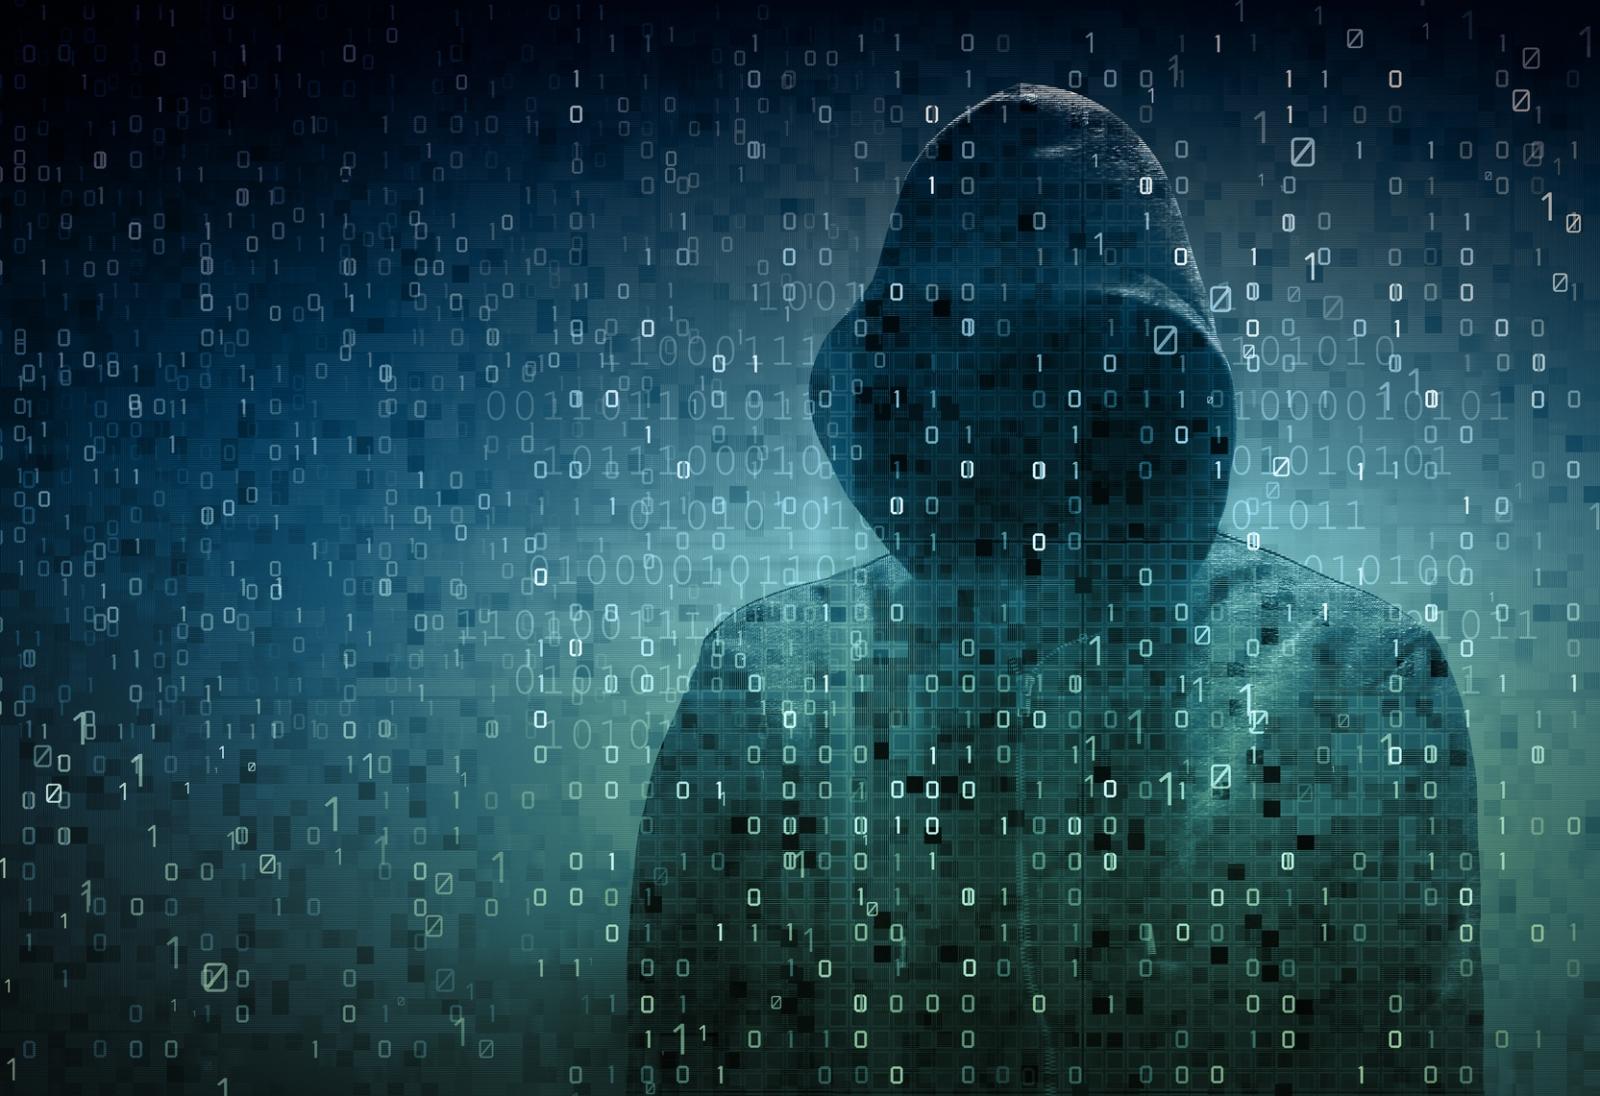 Hackers reveal ISIS identities in Saudi Arabia